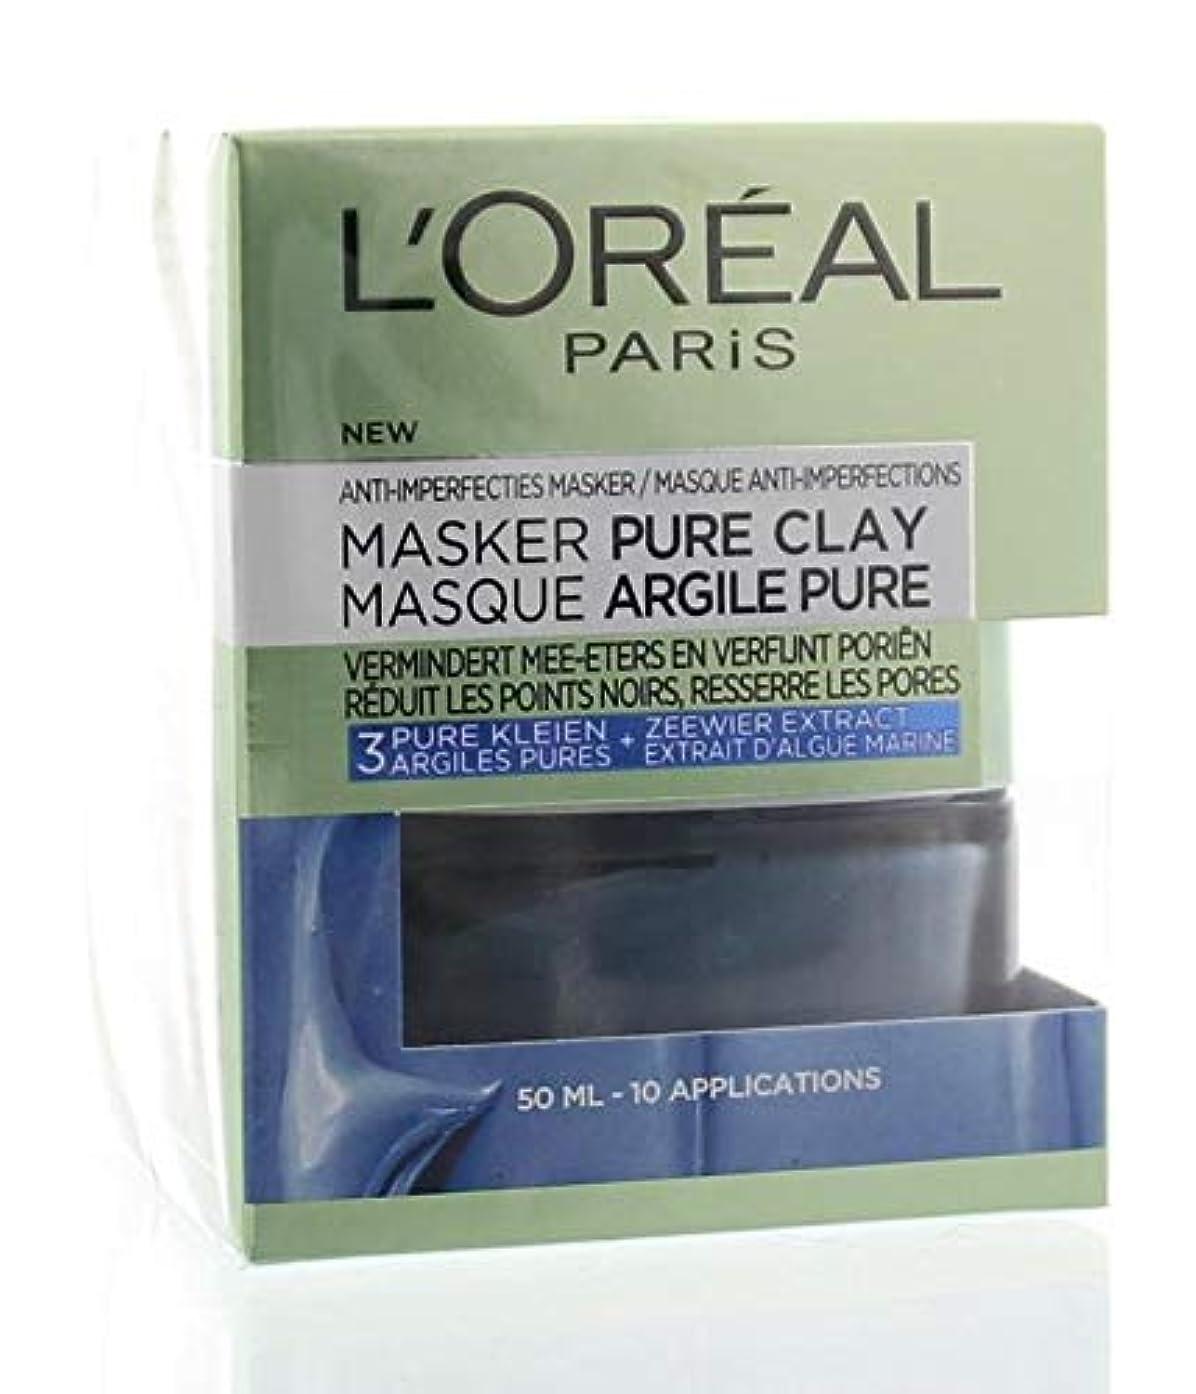 十分なデクリメント松ロレアル Pure Clay Mask - Anti-Imperfections Mask 50ml/1.7oz並行輸入品